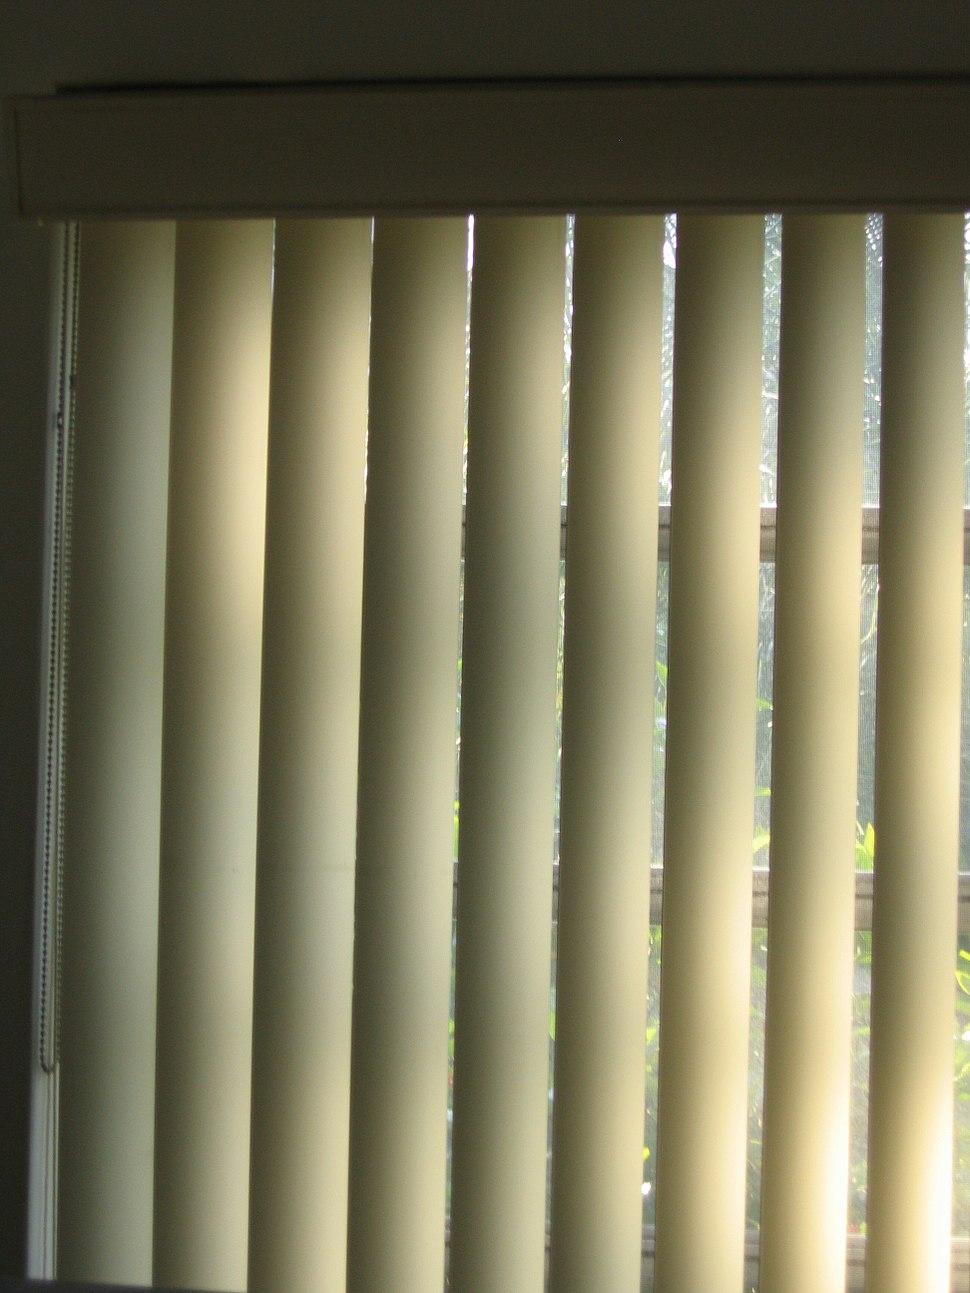 Vert-blinds-2145-rs.jpg